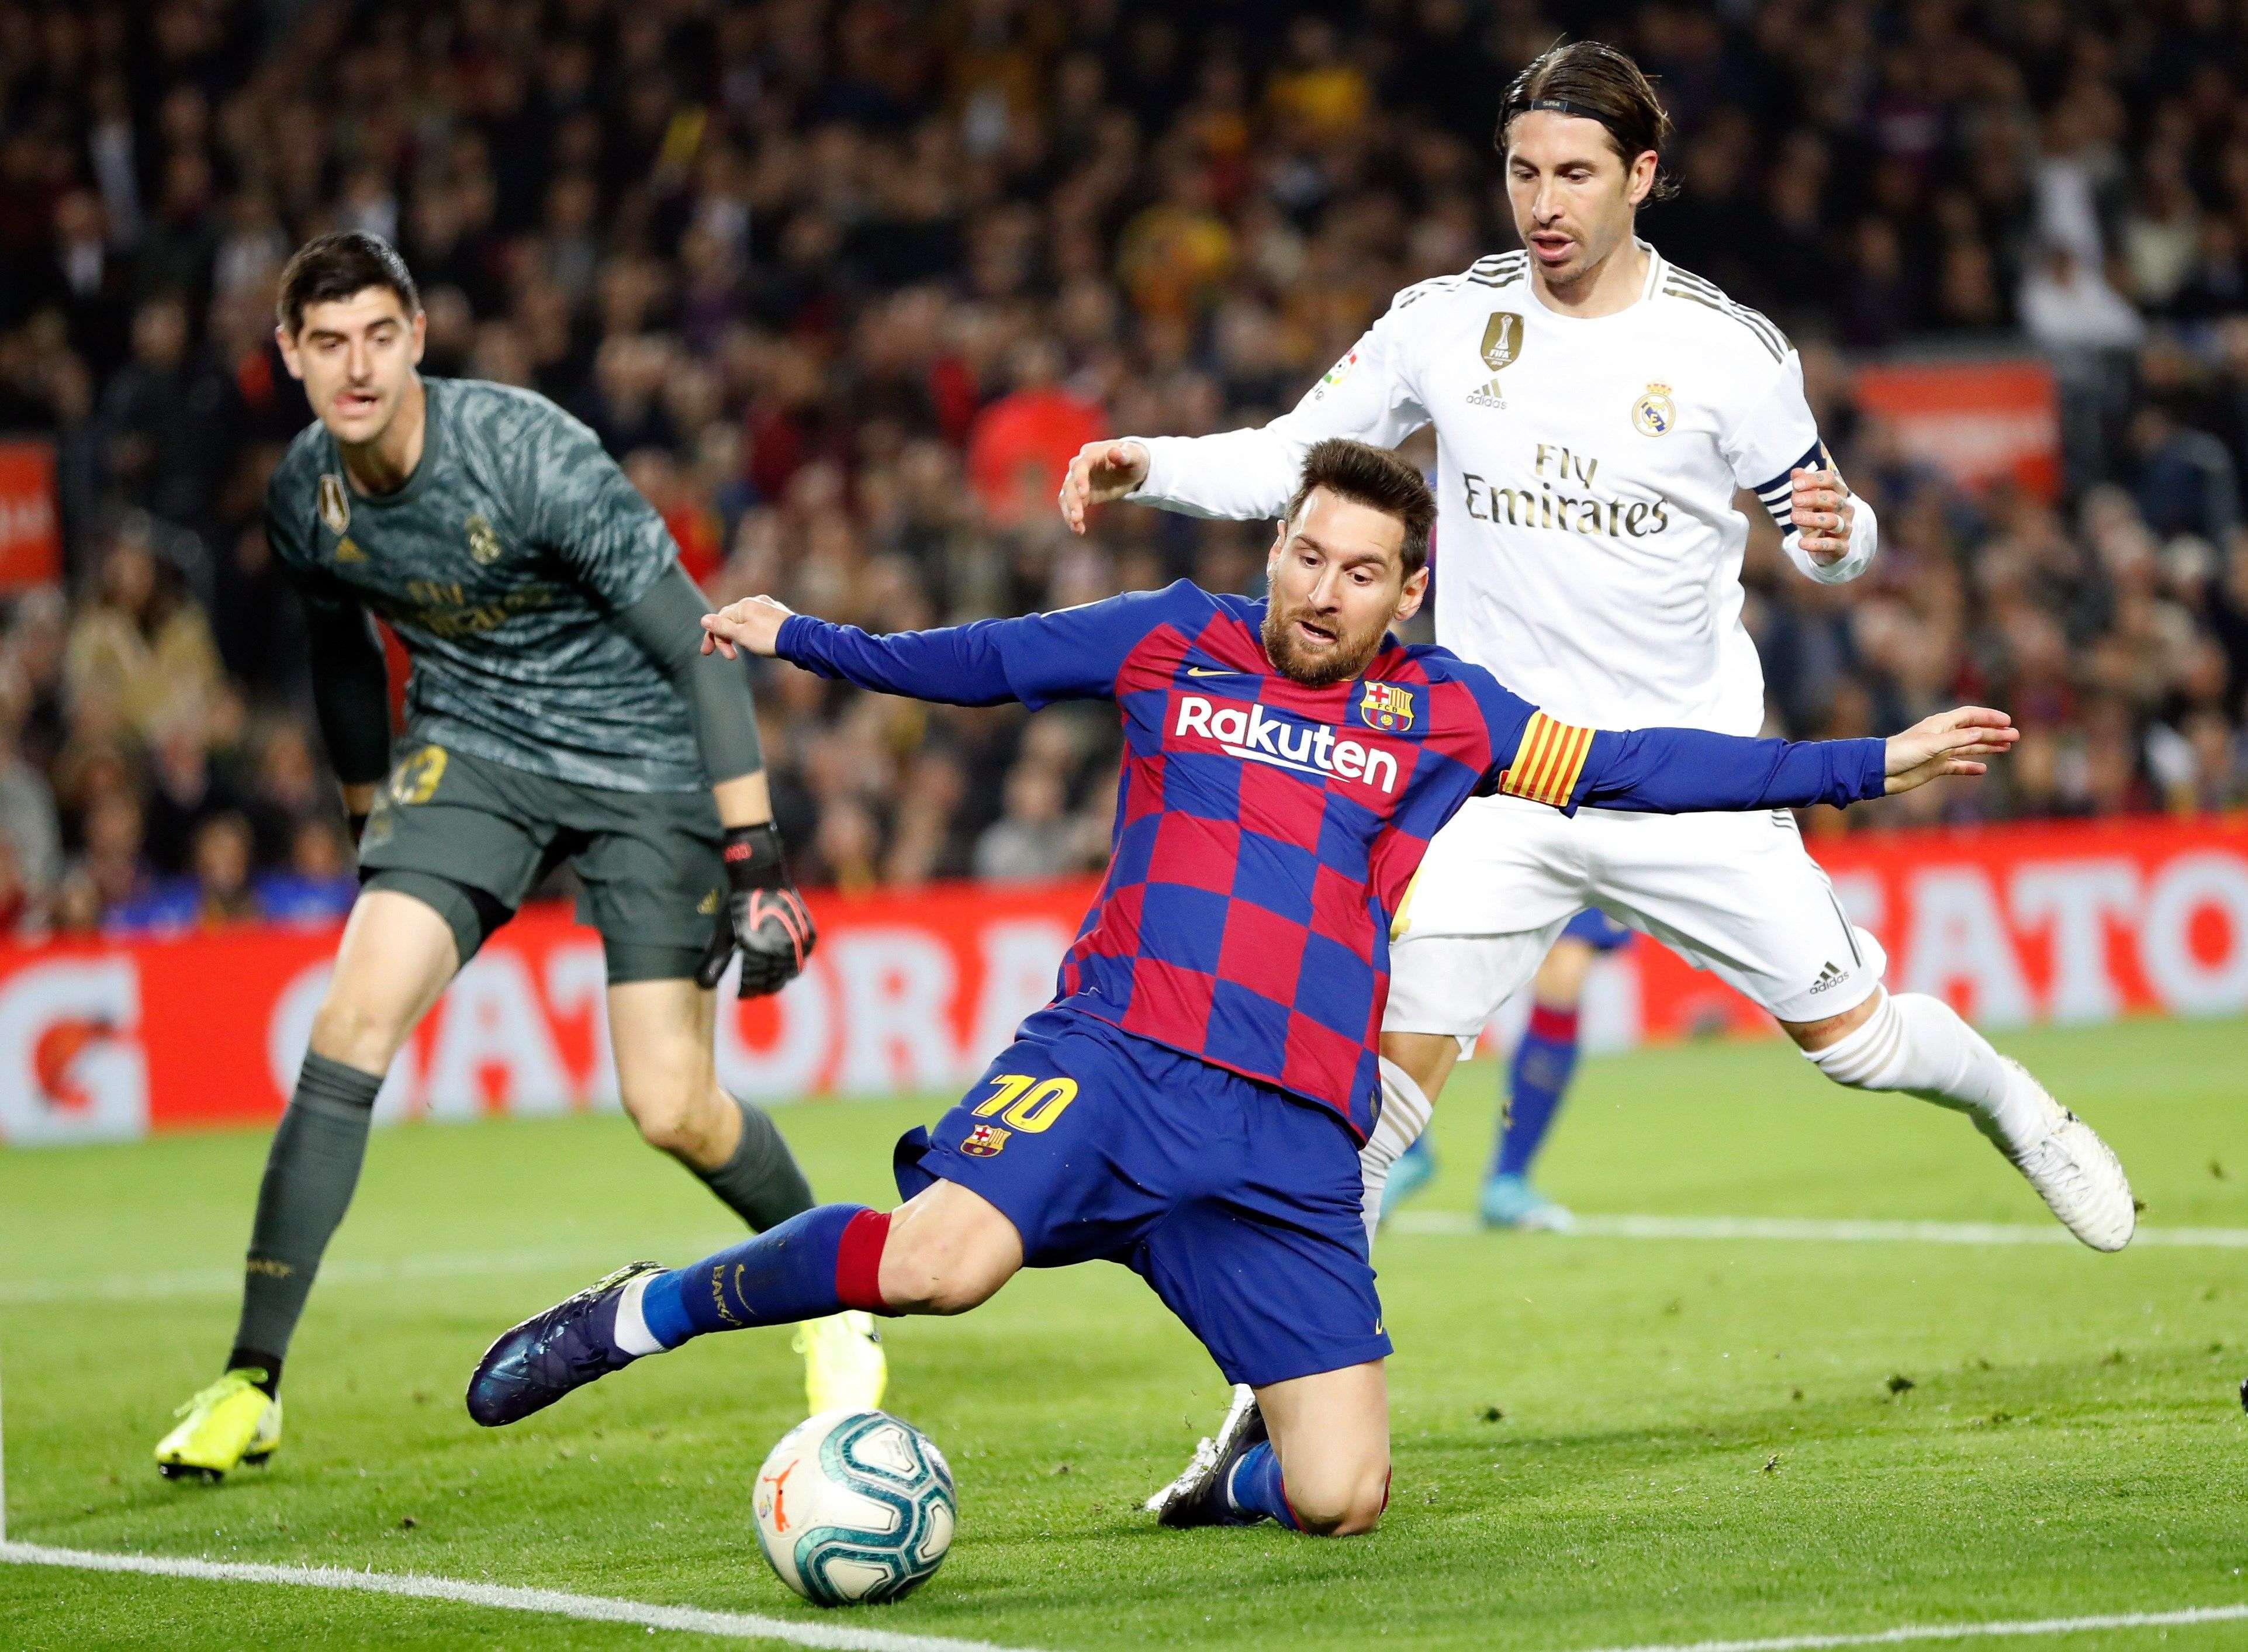 Lionel Messi (c) y Sergio Ramos disputan el balón. Foto: EFE